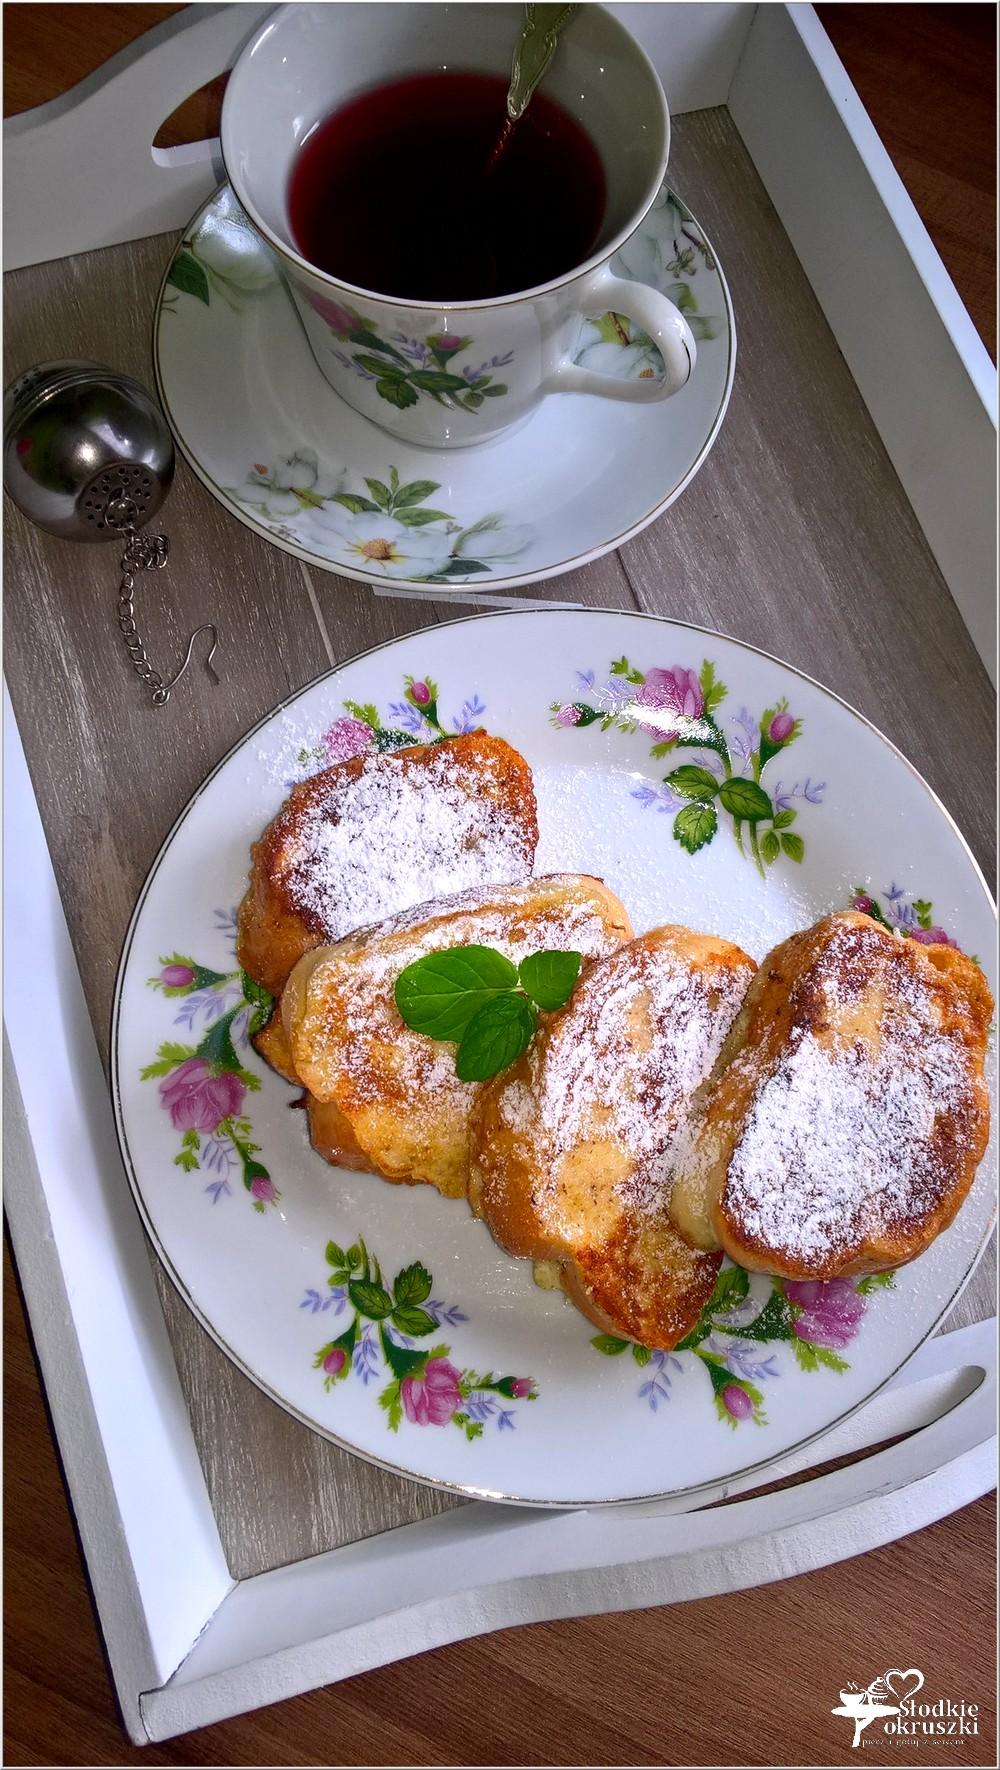 Cynamonowa chałka po francusku i łyk słodkiej wiśni (3)